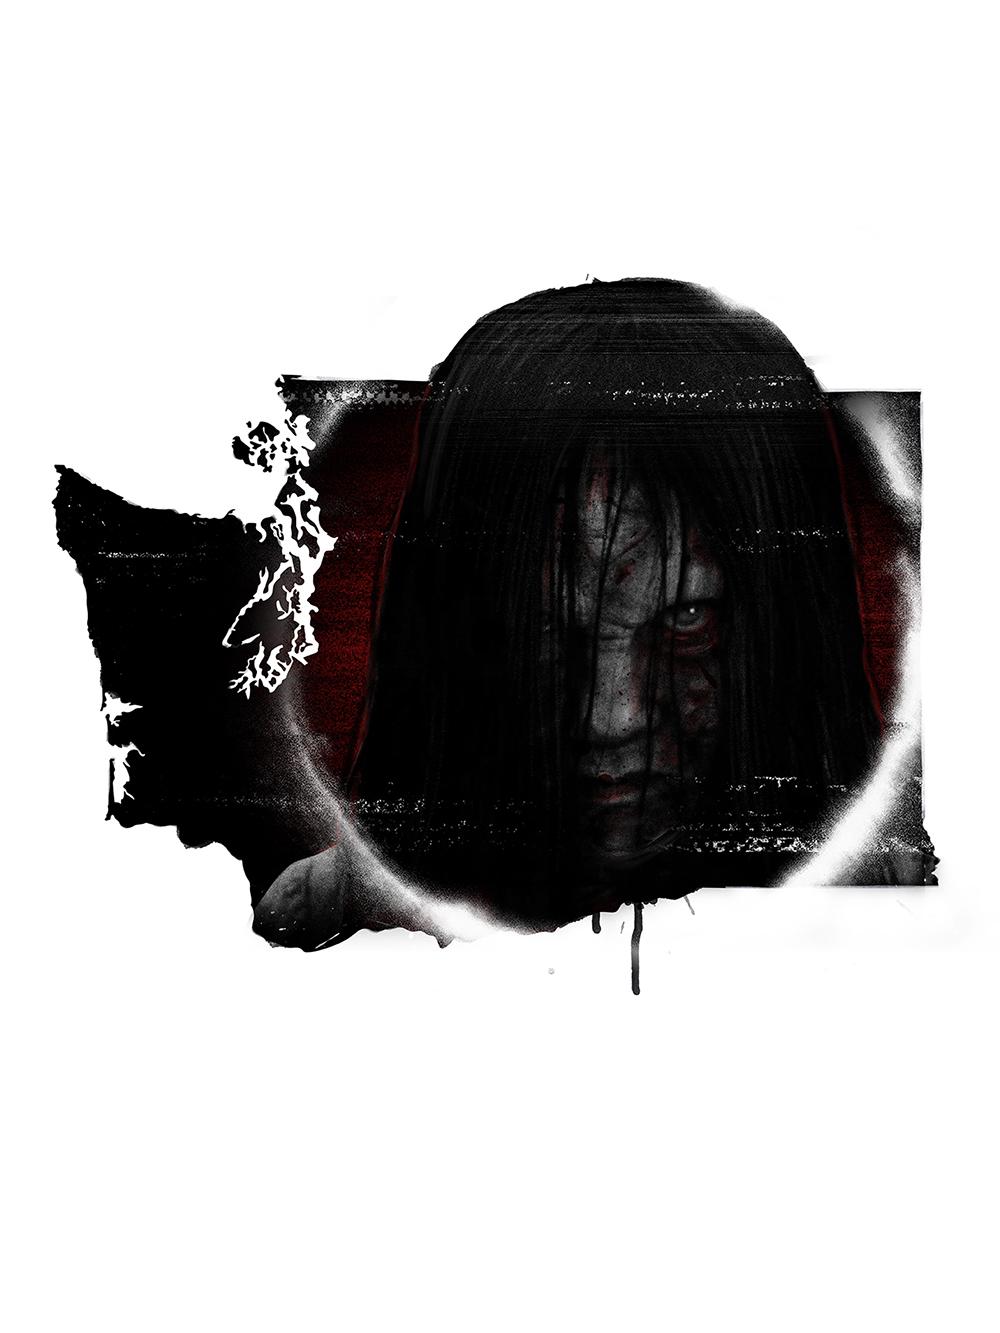 United States Of Horror: Washington State